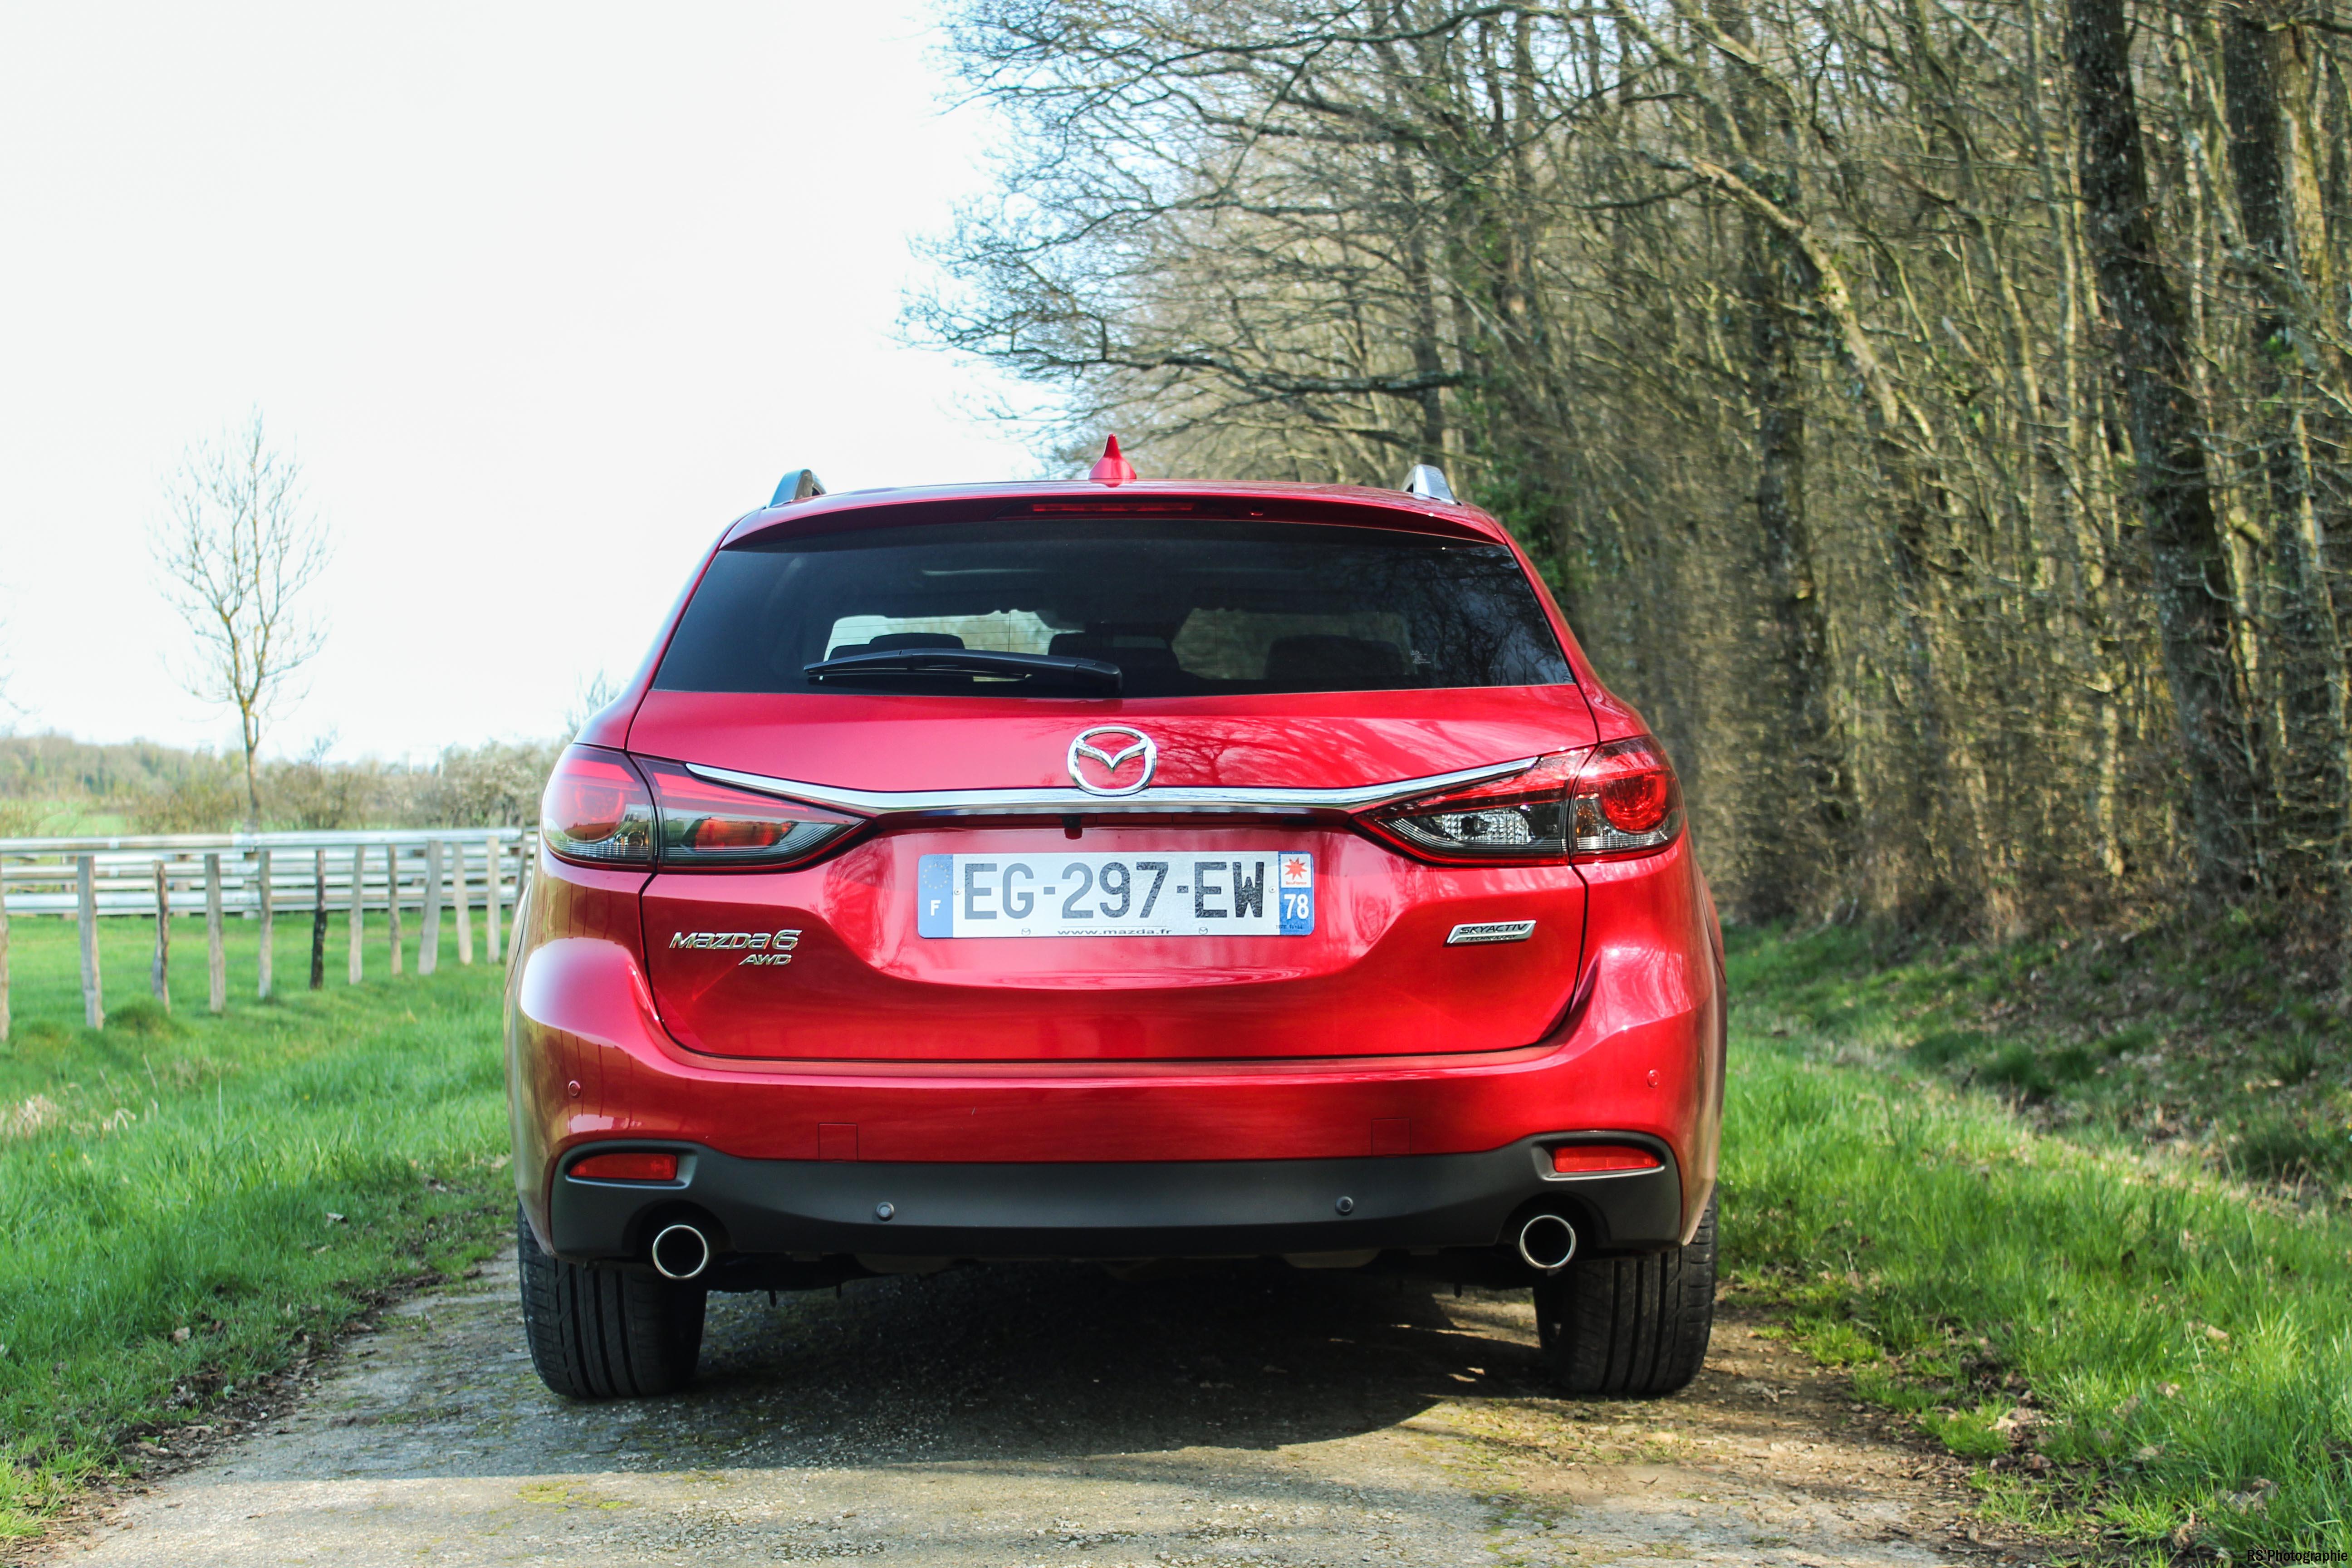 Mazda6SW1-mazda-6-sw-arriere-rear-Arnaud Demasier-RSPhotographie